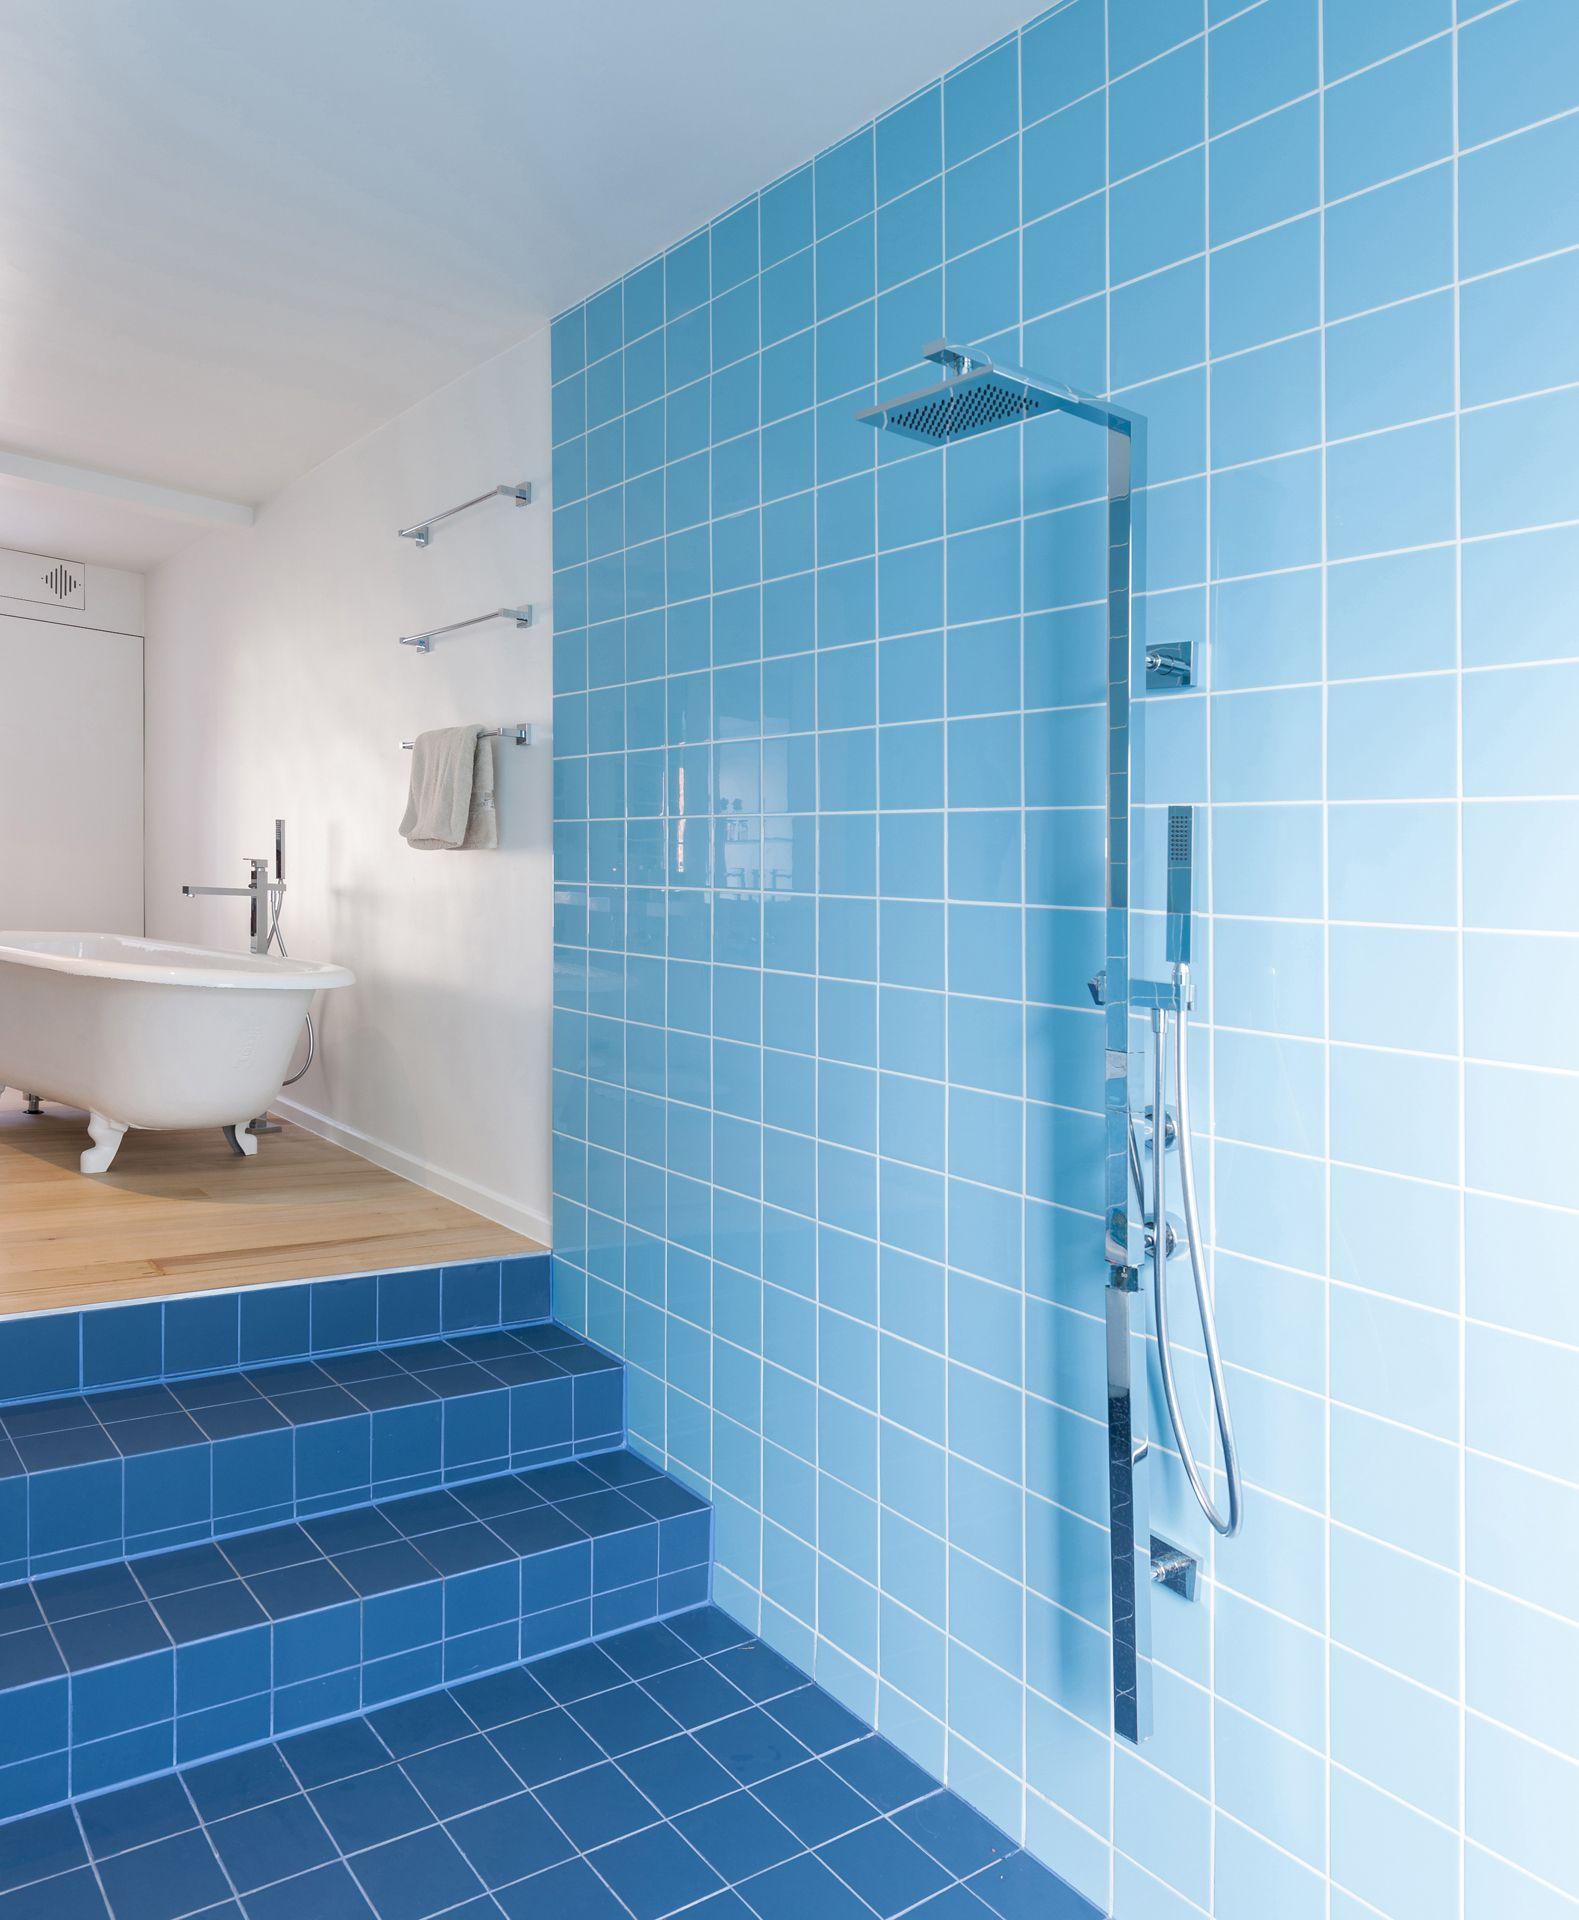 concrete5 :: Referenzen Blaue Fliesen Kinderbad | Badezimmer ...